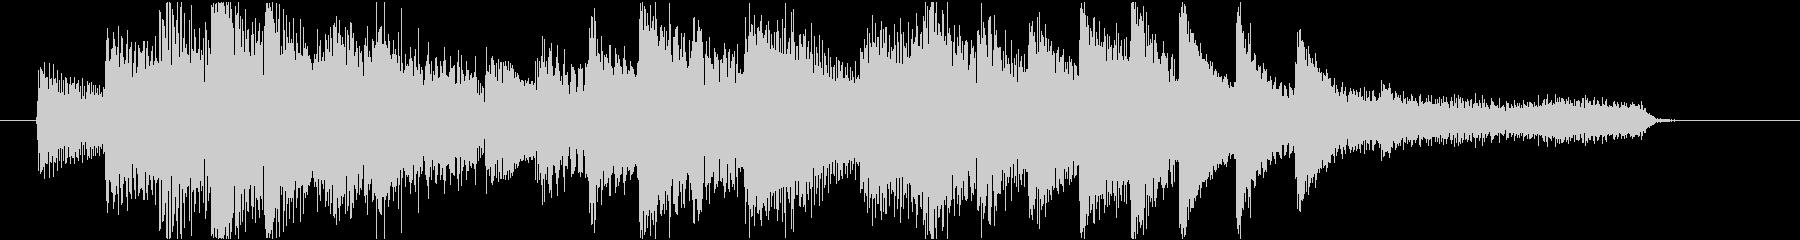 悲しい雰囲気のピアノジングルの未再生の波形